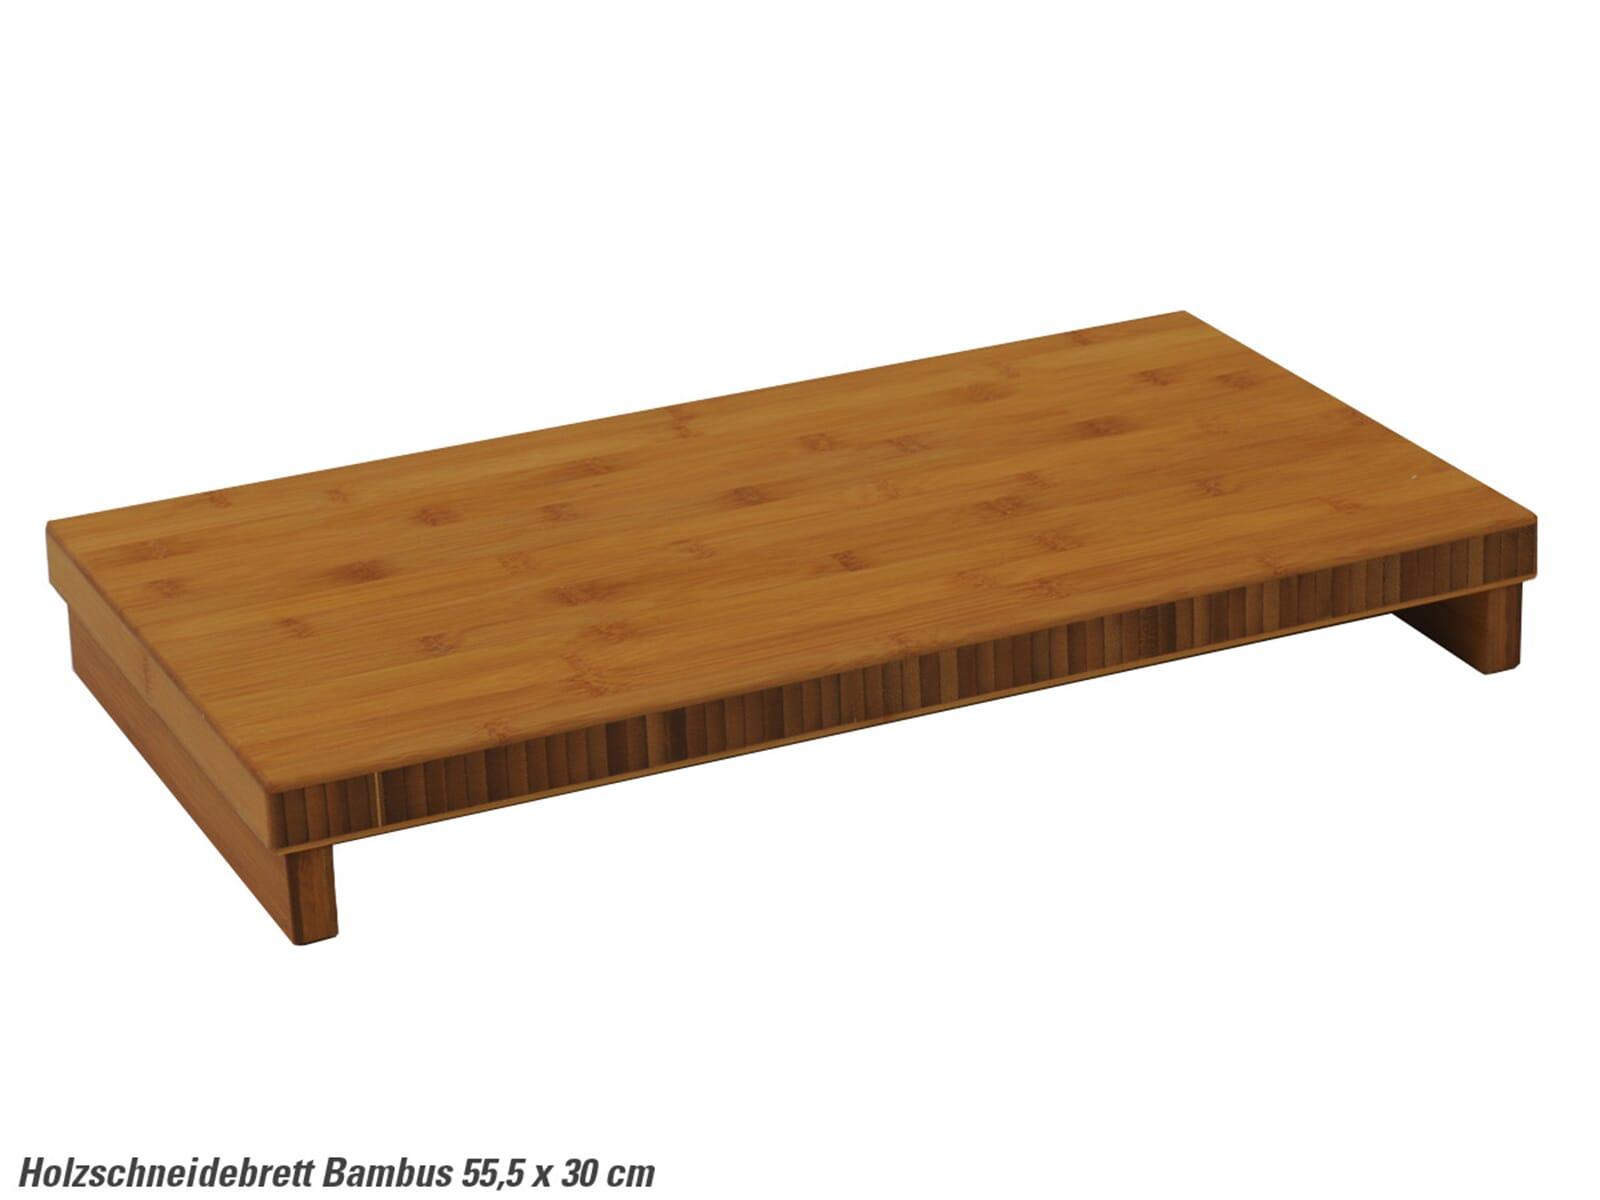 br cken schneidbrett holz brett bambus schneidebrett ebay. Black Bedroom Furniture Sets. Home Design Ideas